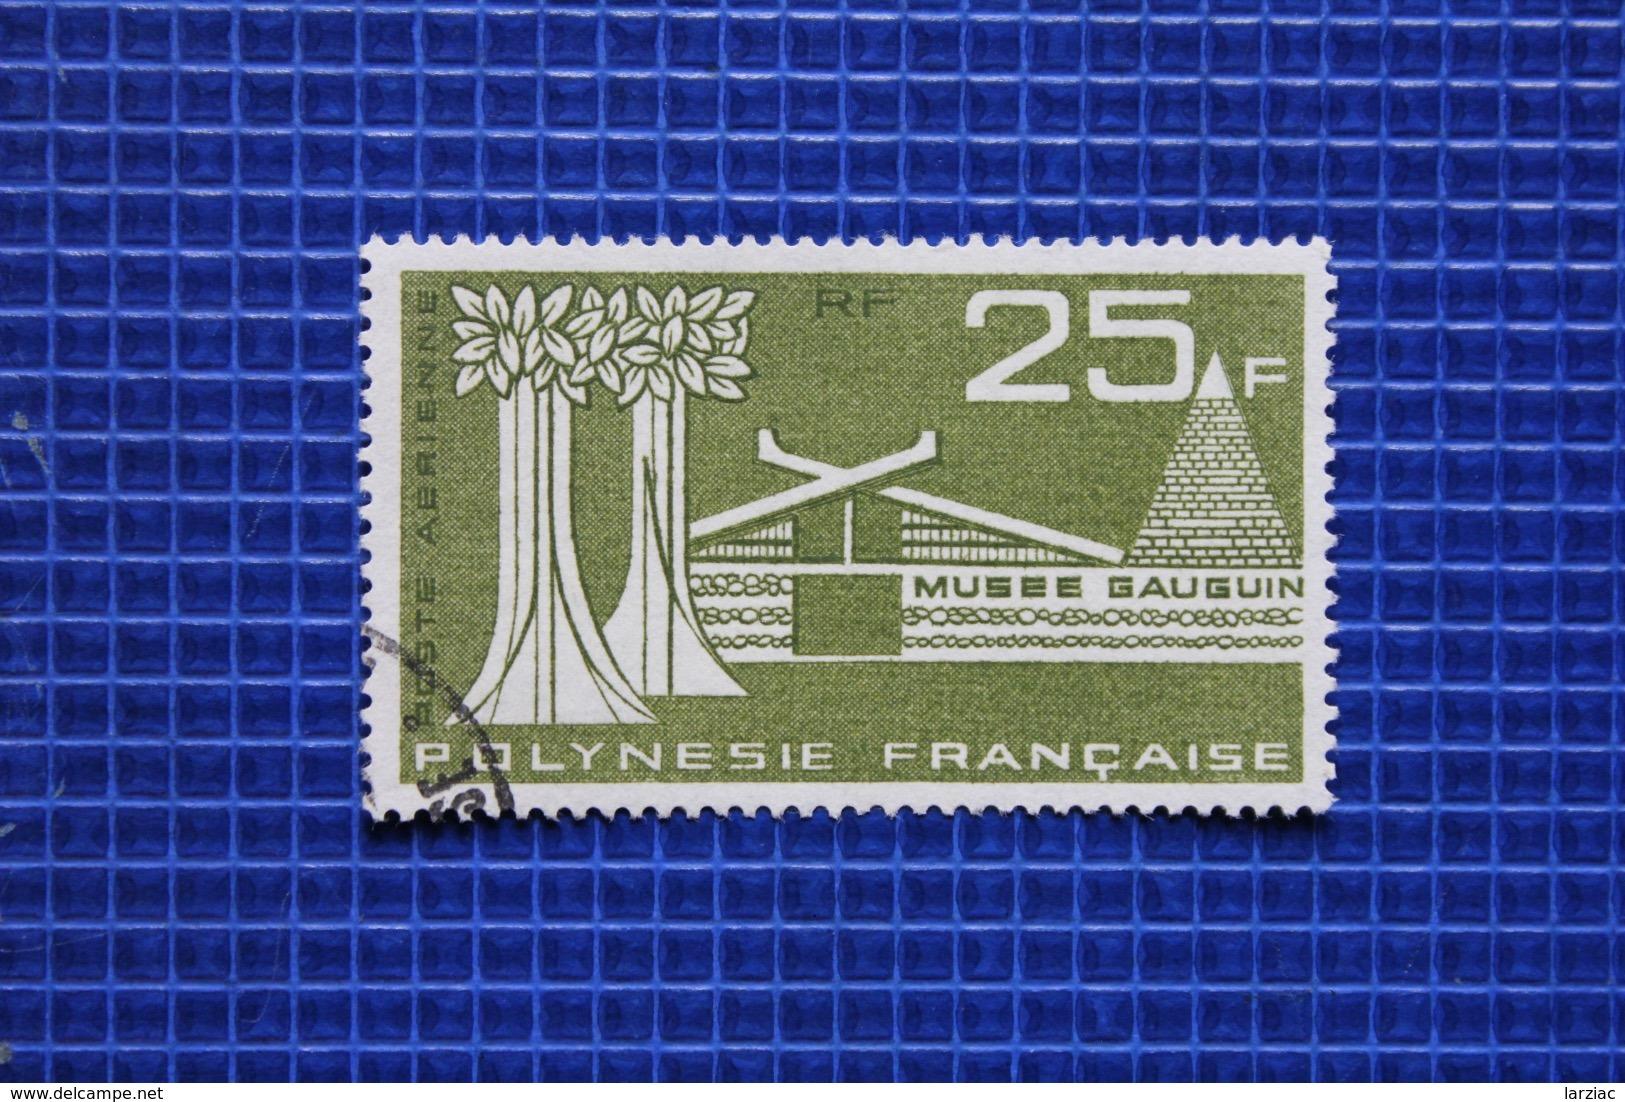 Timbre Polynésie Française Poste Aérienne N°11 - Oblitérés